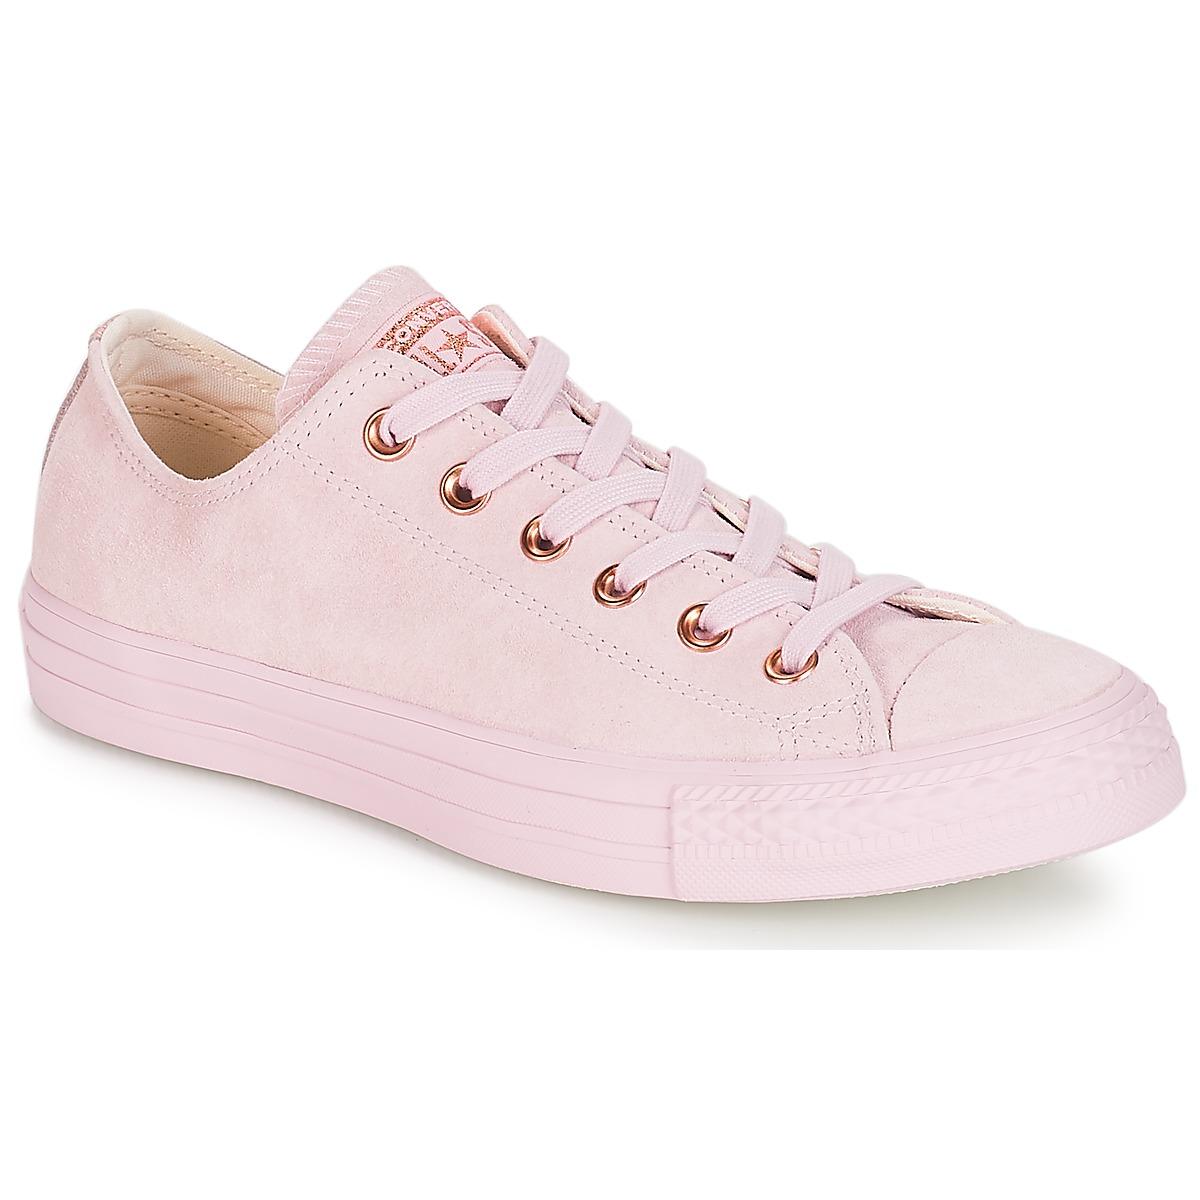 Converse Chuck Taylor All Star-Ox Rose - Kostenloser Versand bei Spartoode ! - Schuhe Sneaker Low Damen 89,99 €